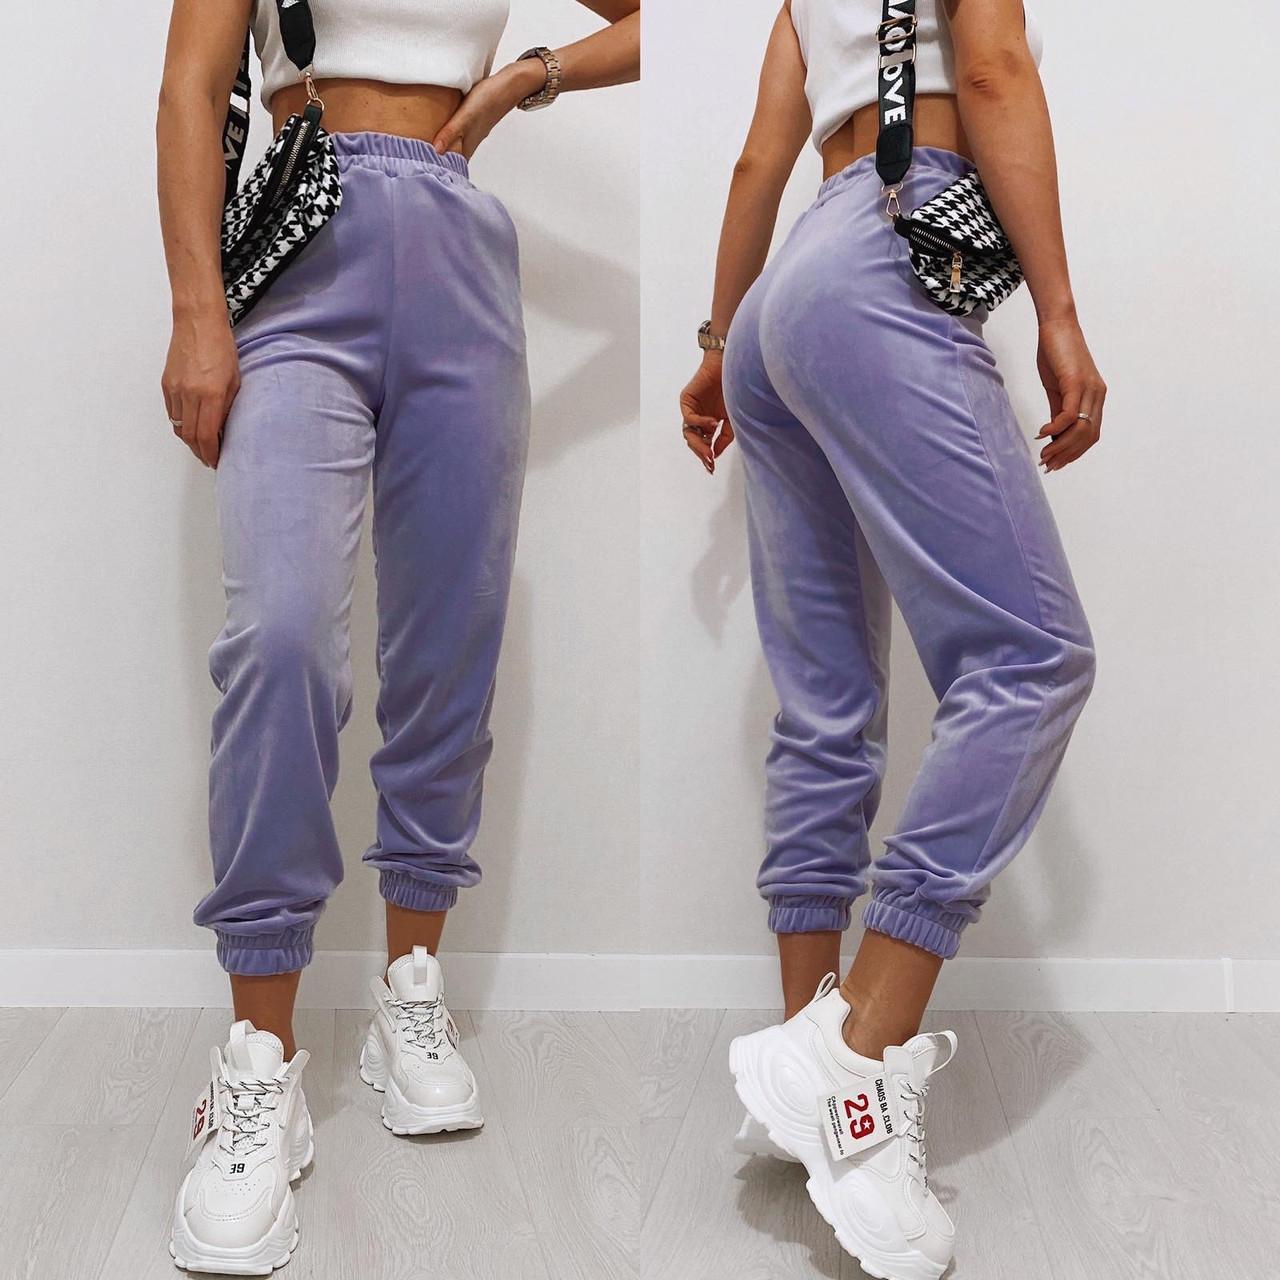 Штани жіночі велюрові весняні стильні розміри 42 44 46 48 50 52  Новинка 2021 є інші кольори